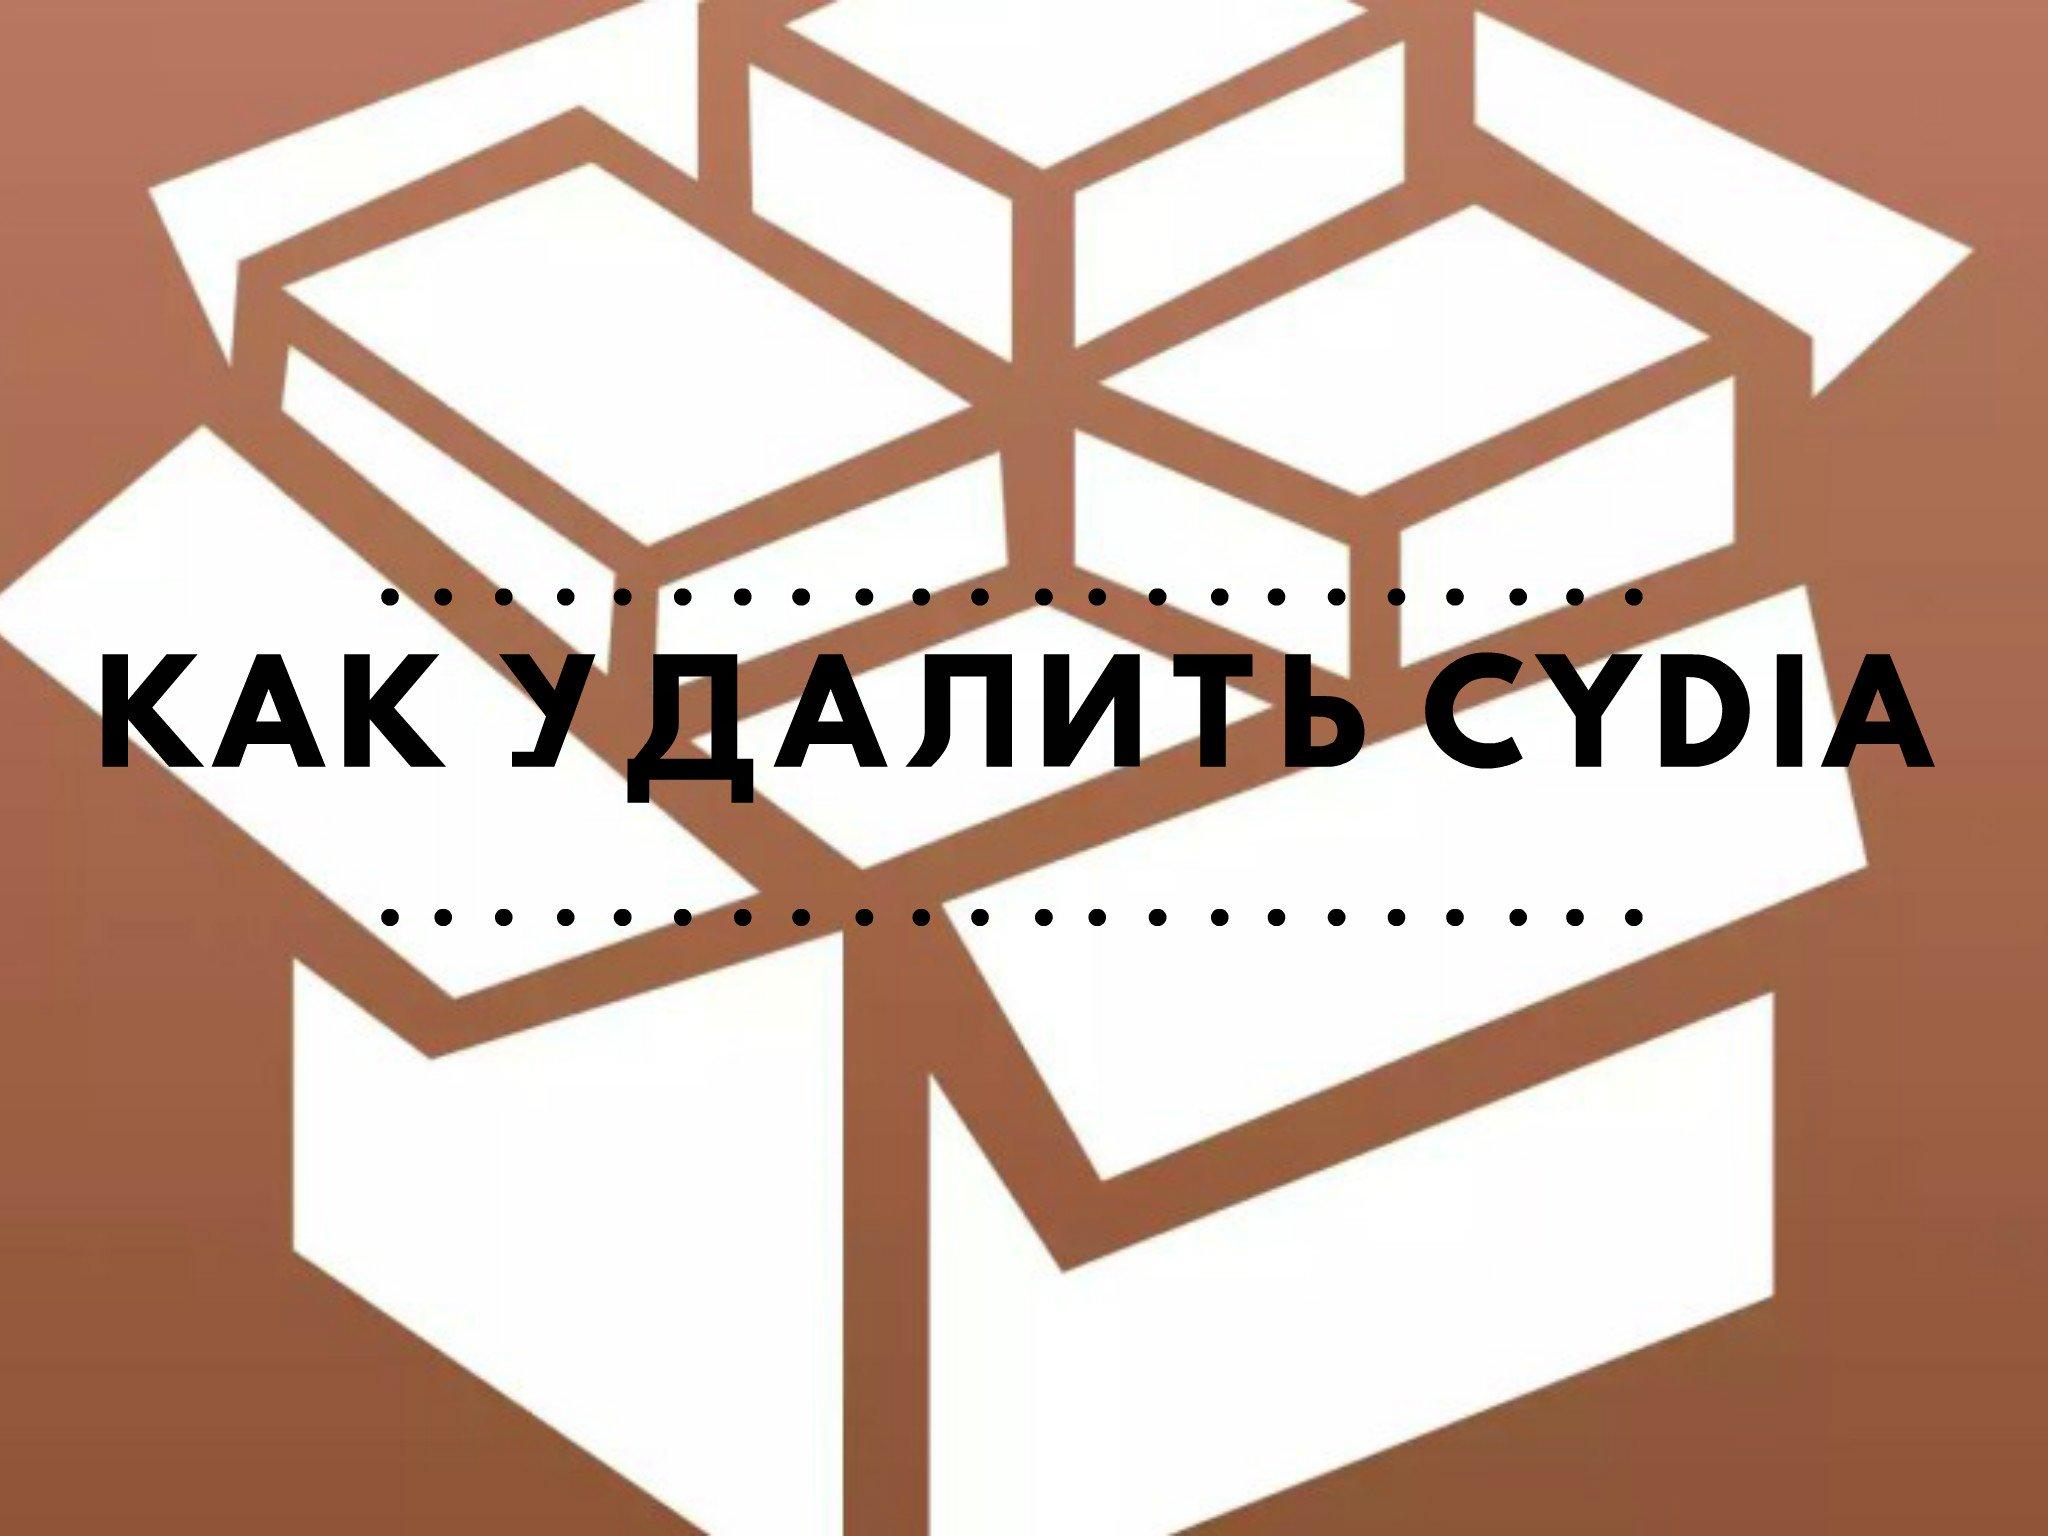 Как удалить Cydia